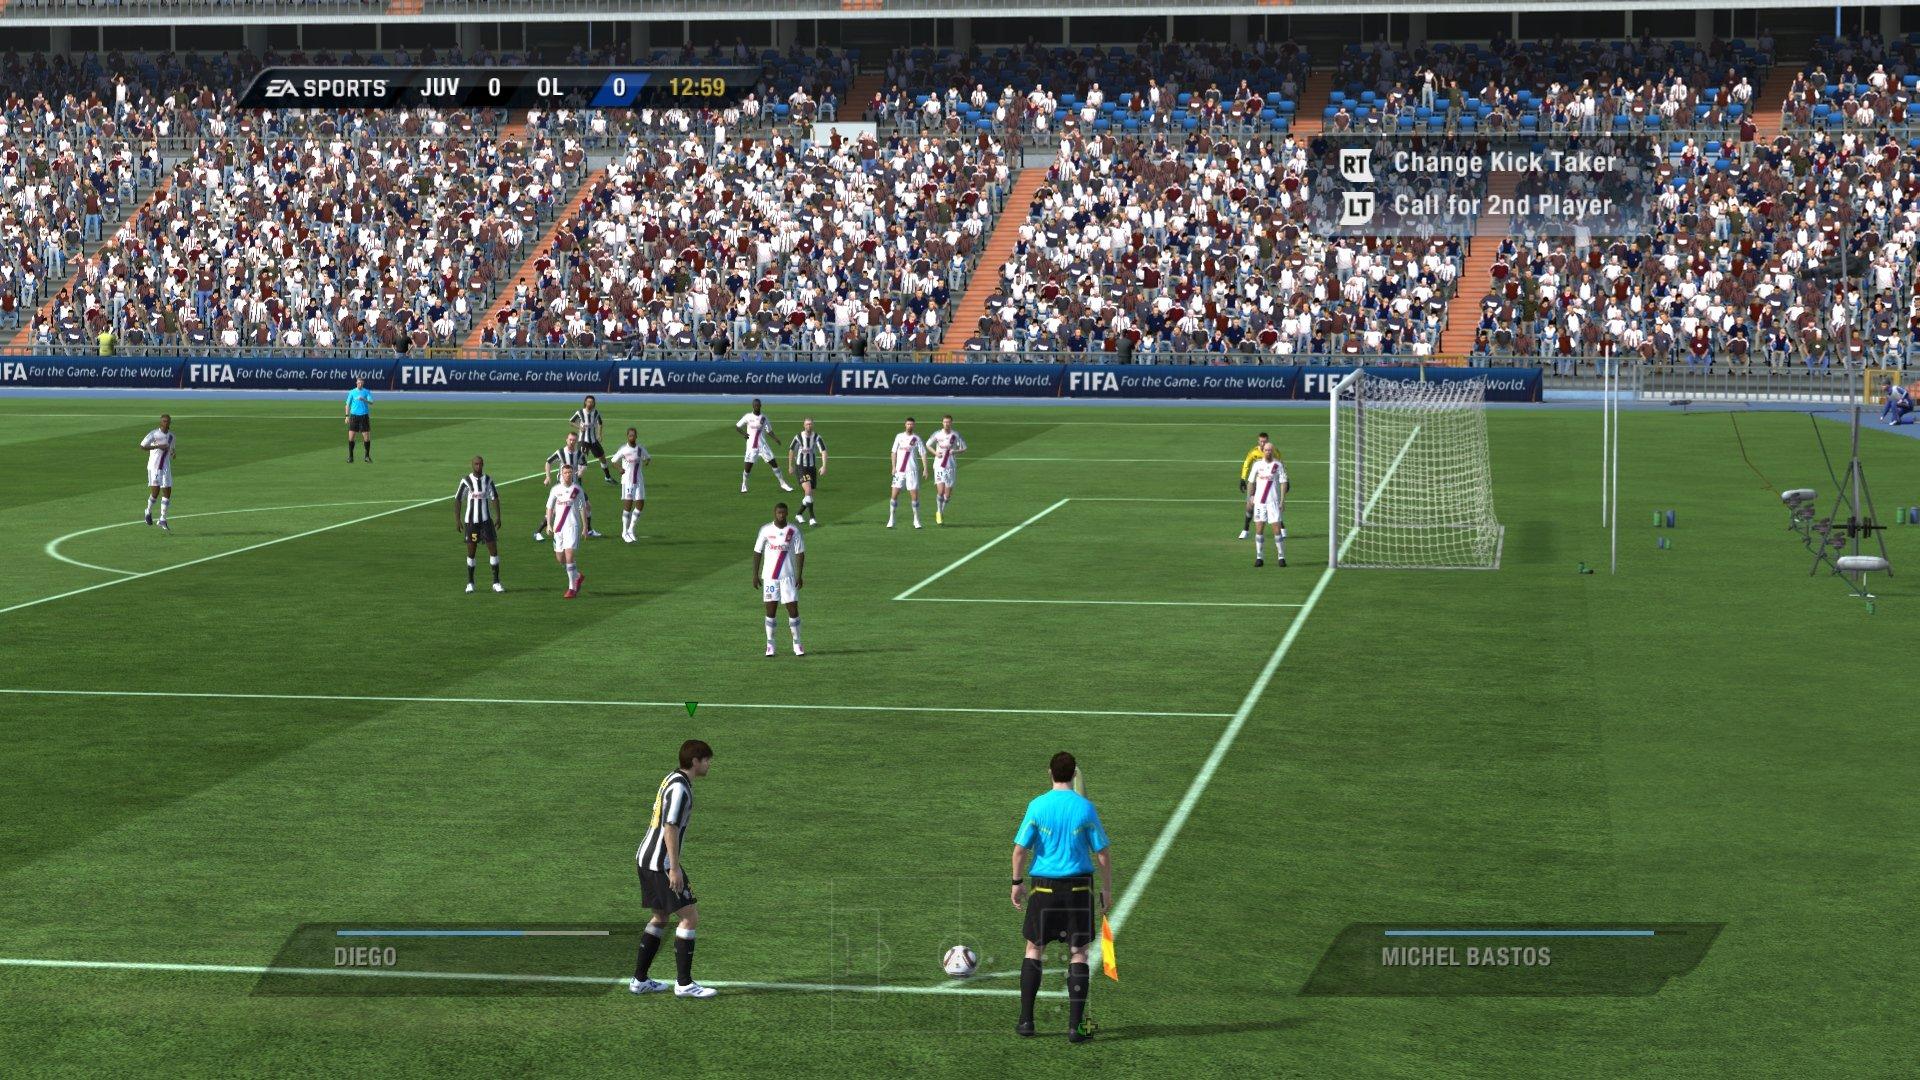 История в картинках (FIFA) - Изображение 19